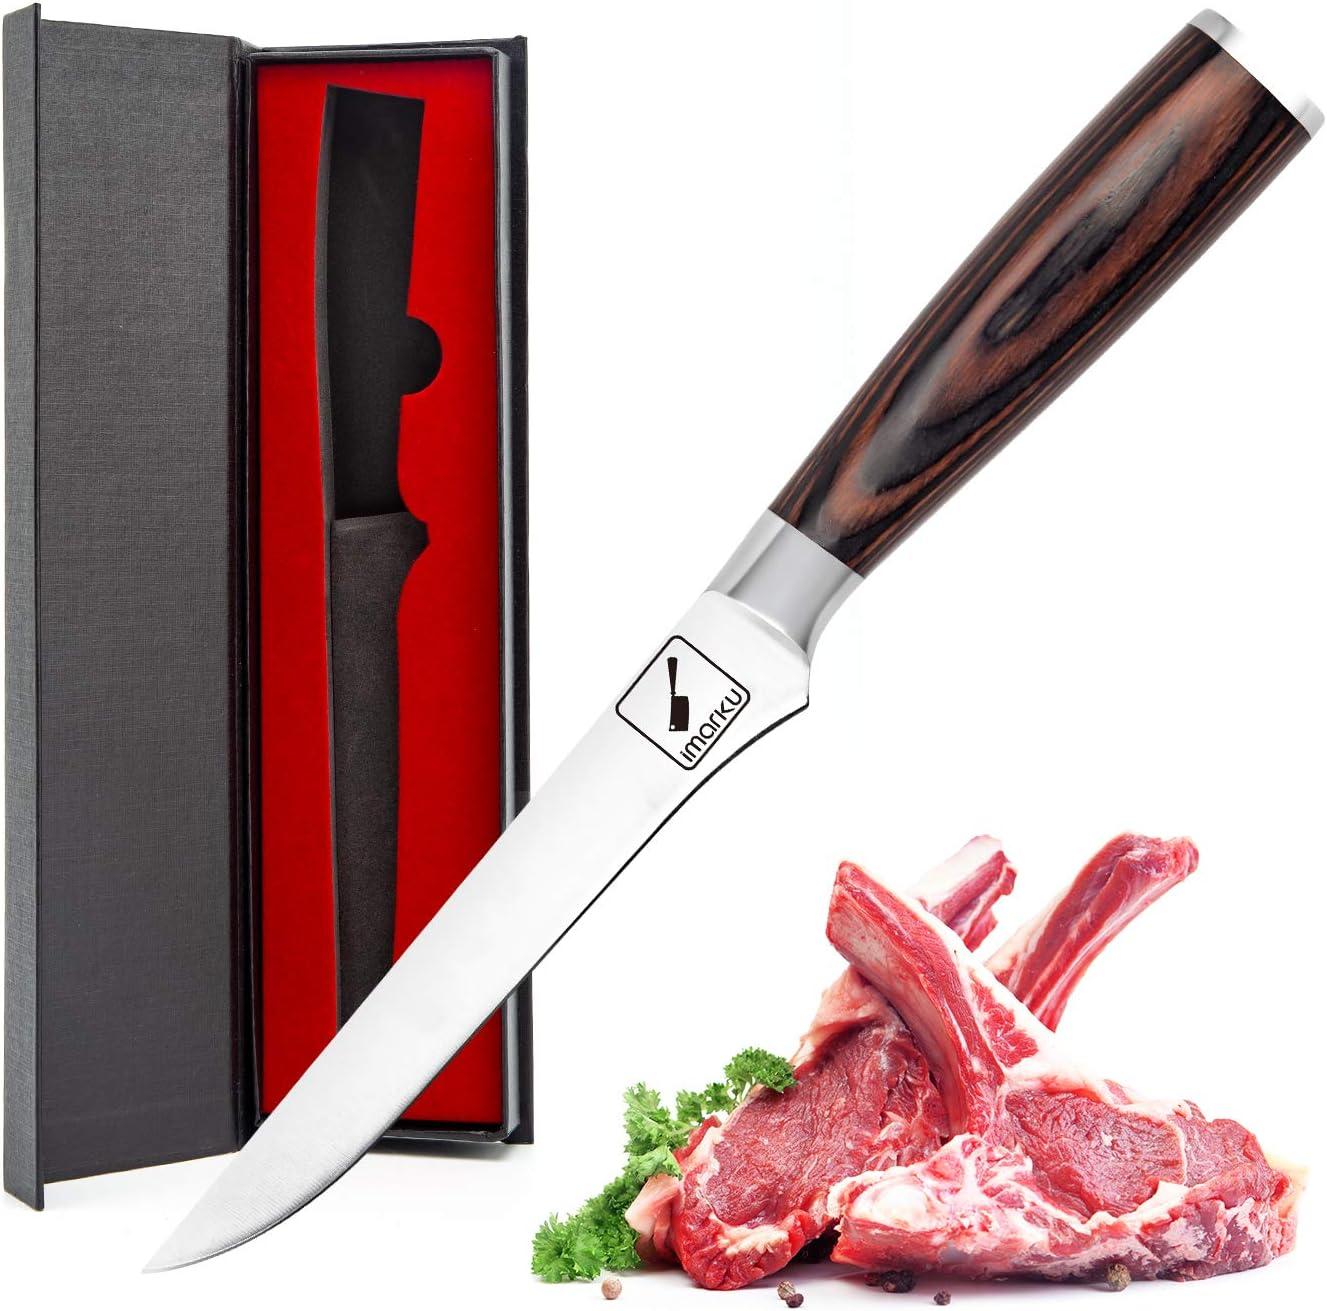 Imarku Boning Knife